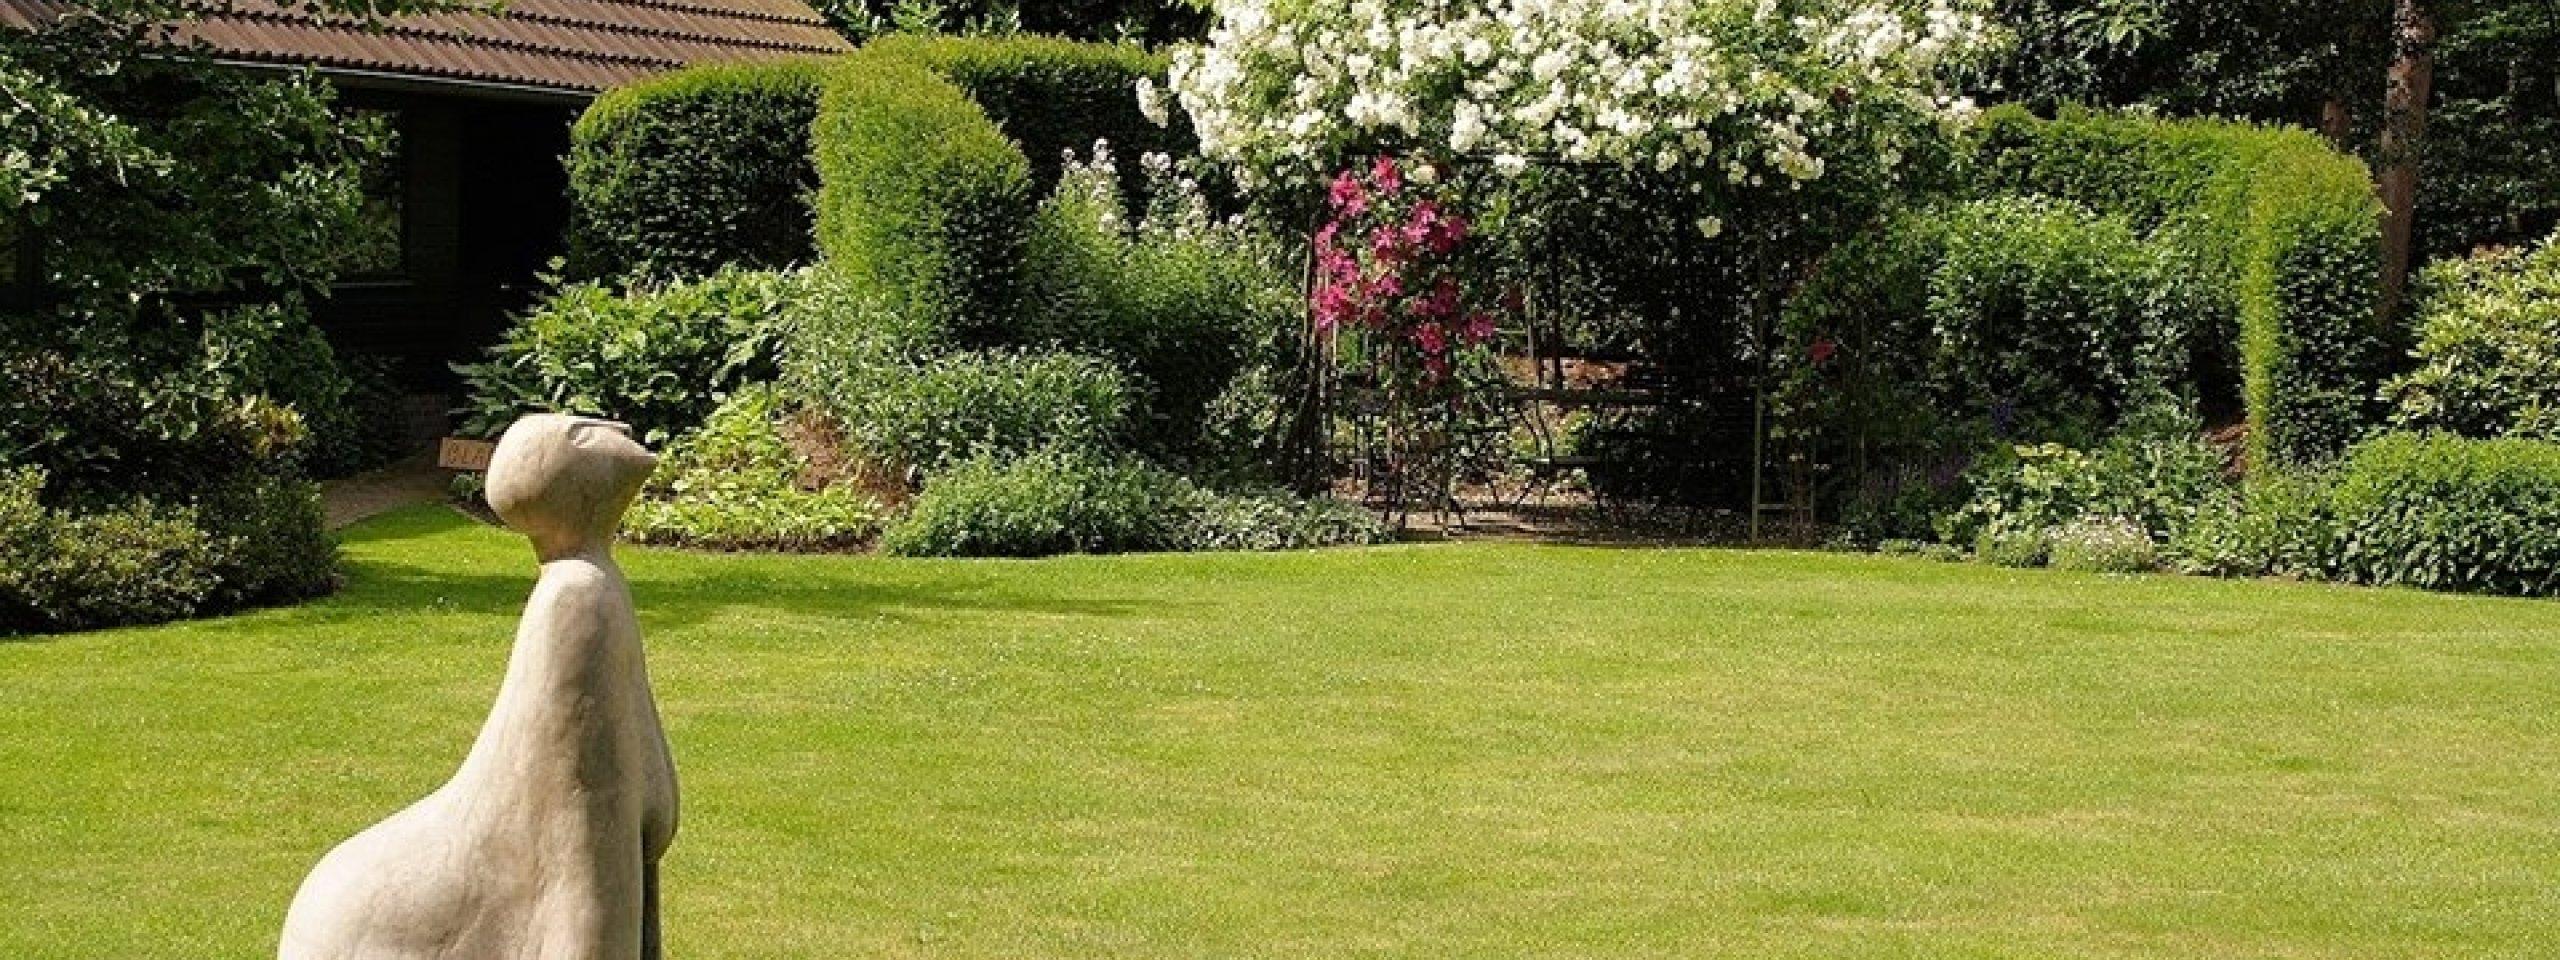 Tuinvoorbeelden